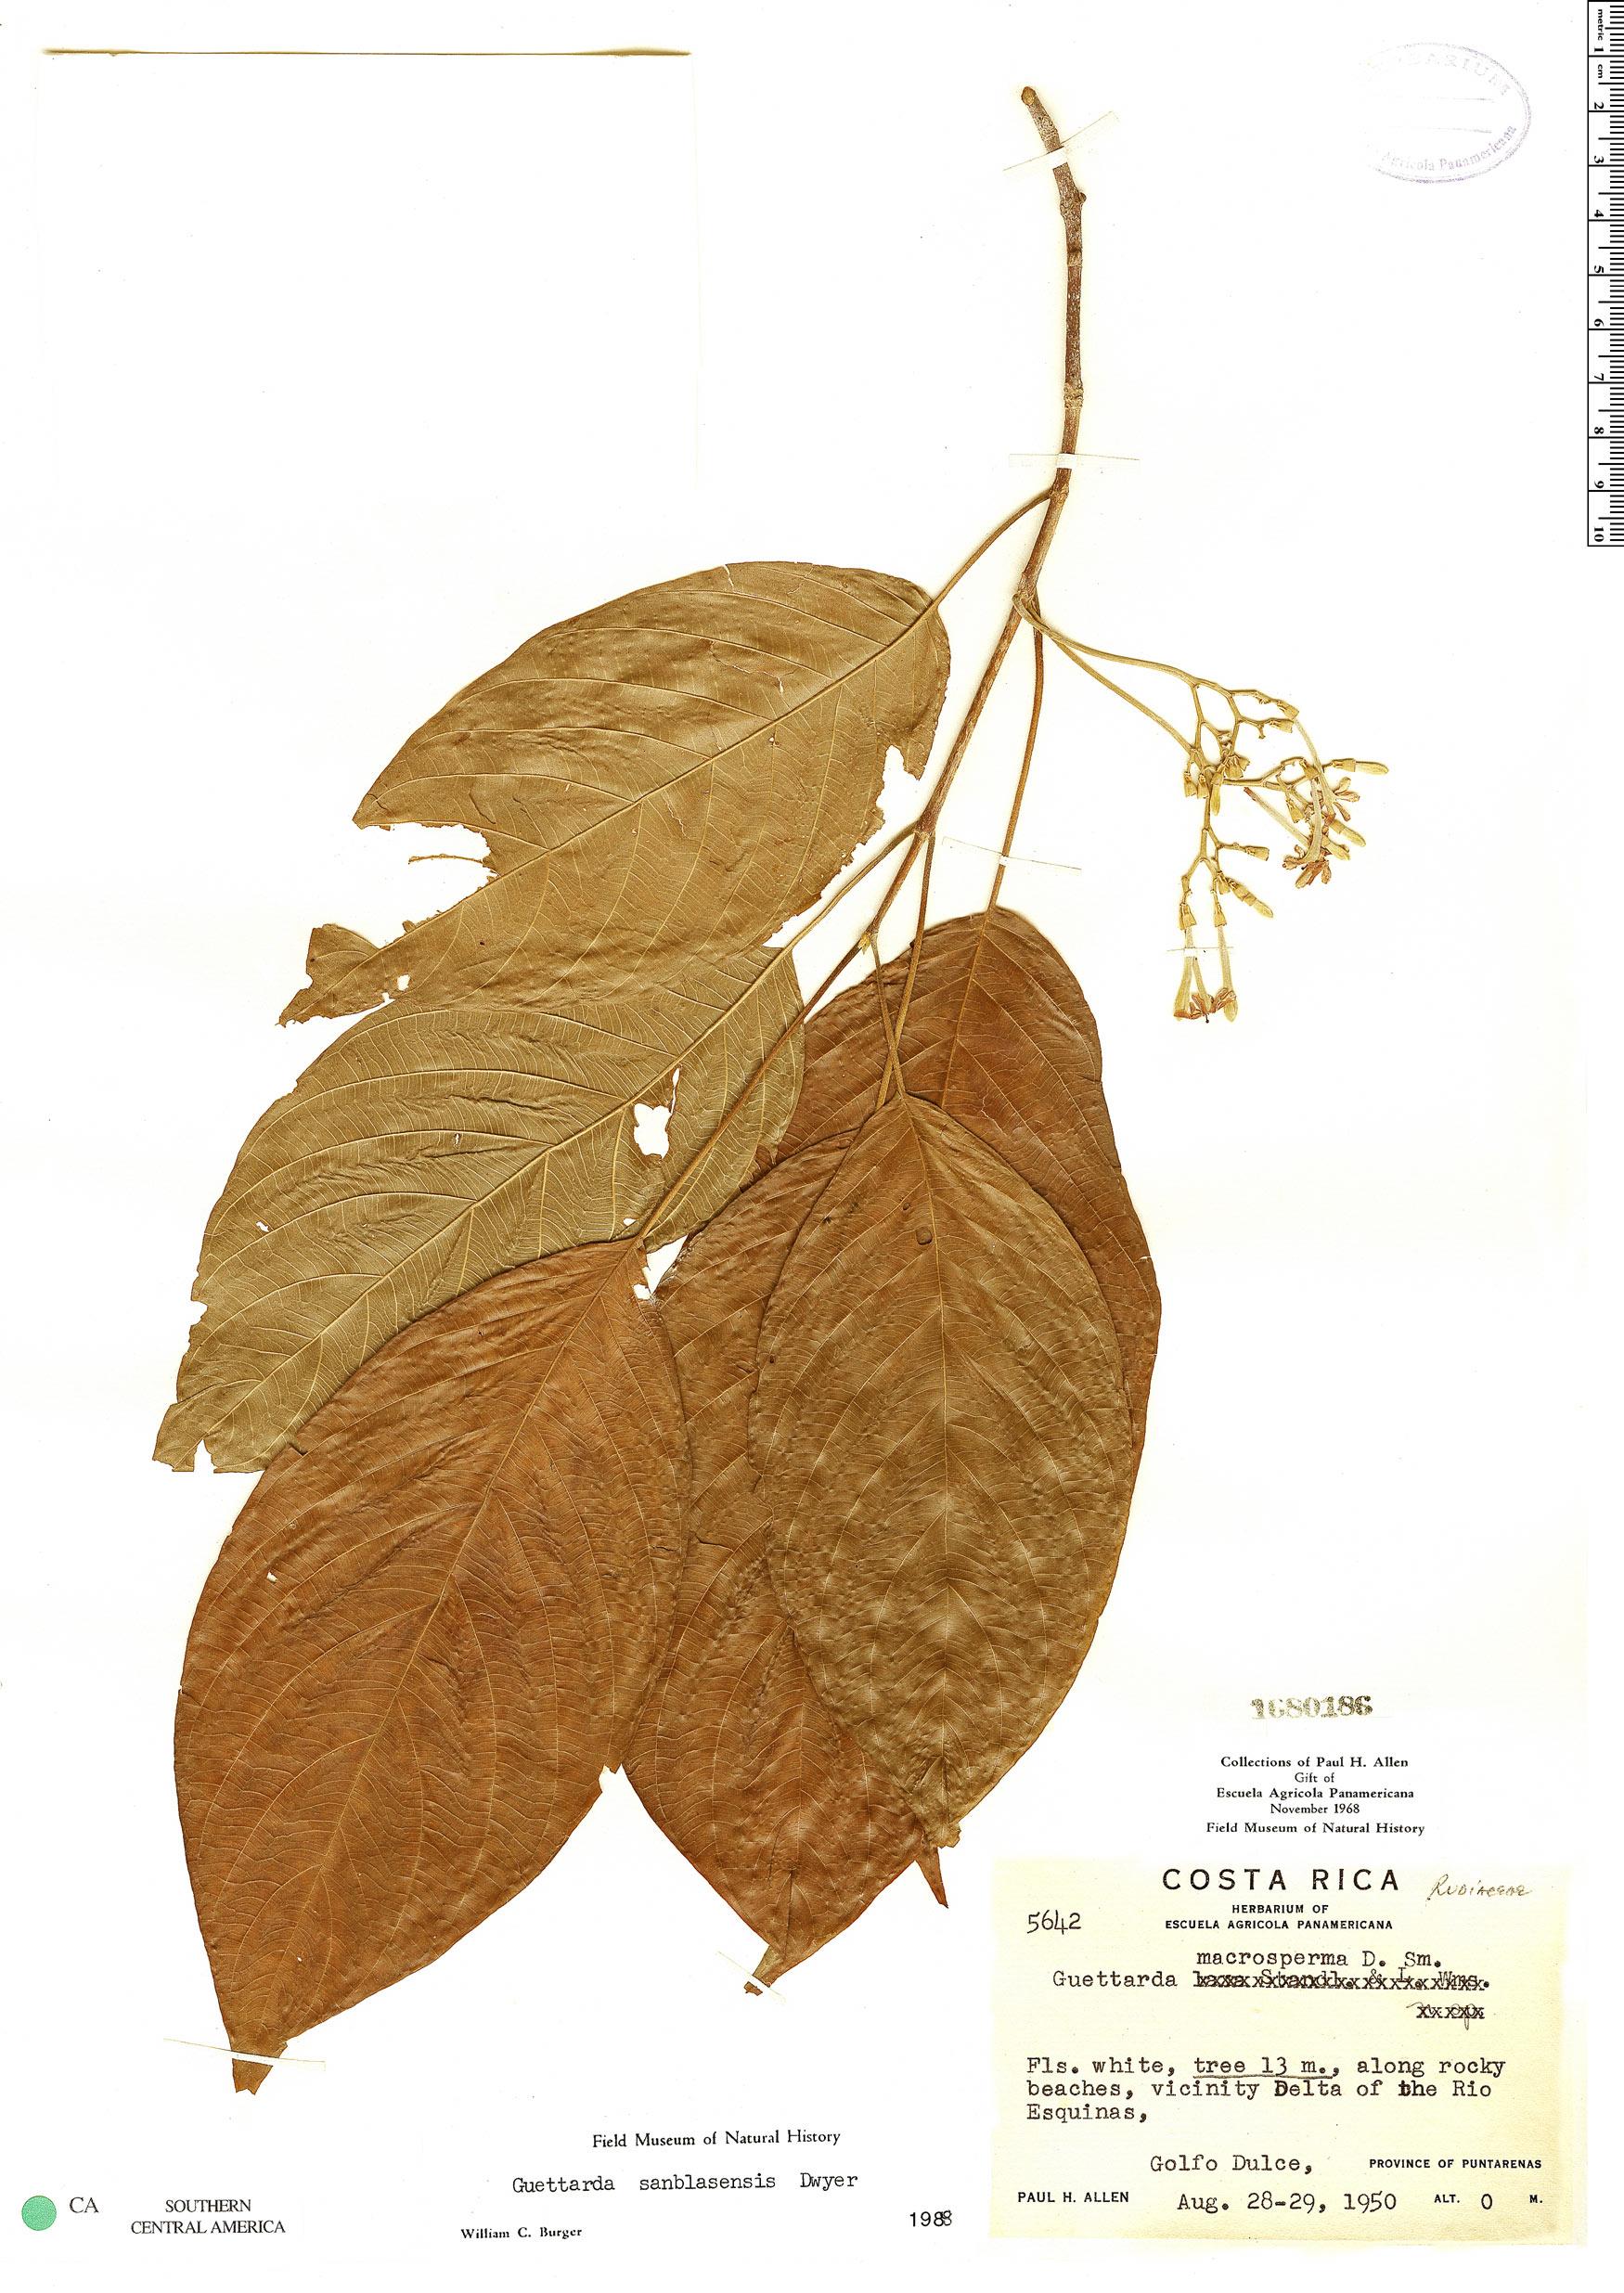 Espécime: Guettarda sanblasensis